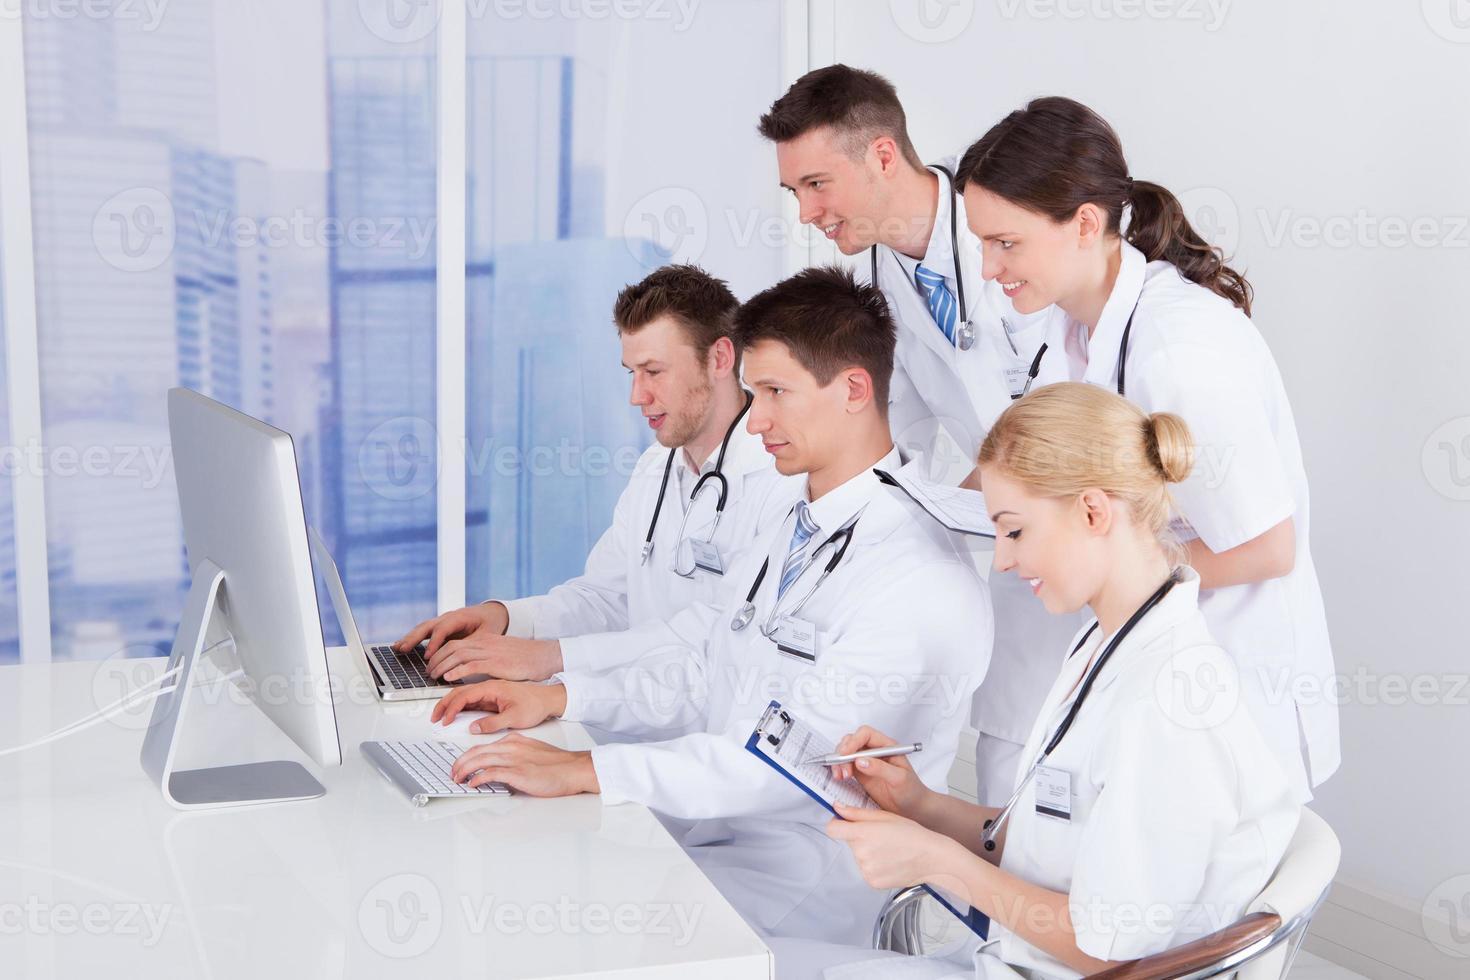 médecins travaillant ensemble sur ordinateur à l'hôpital photo